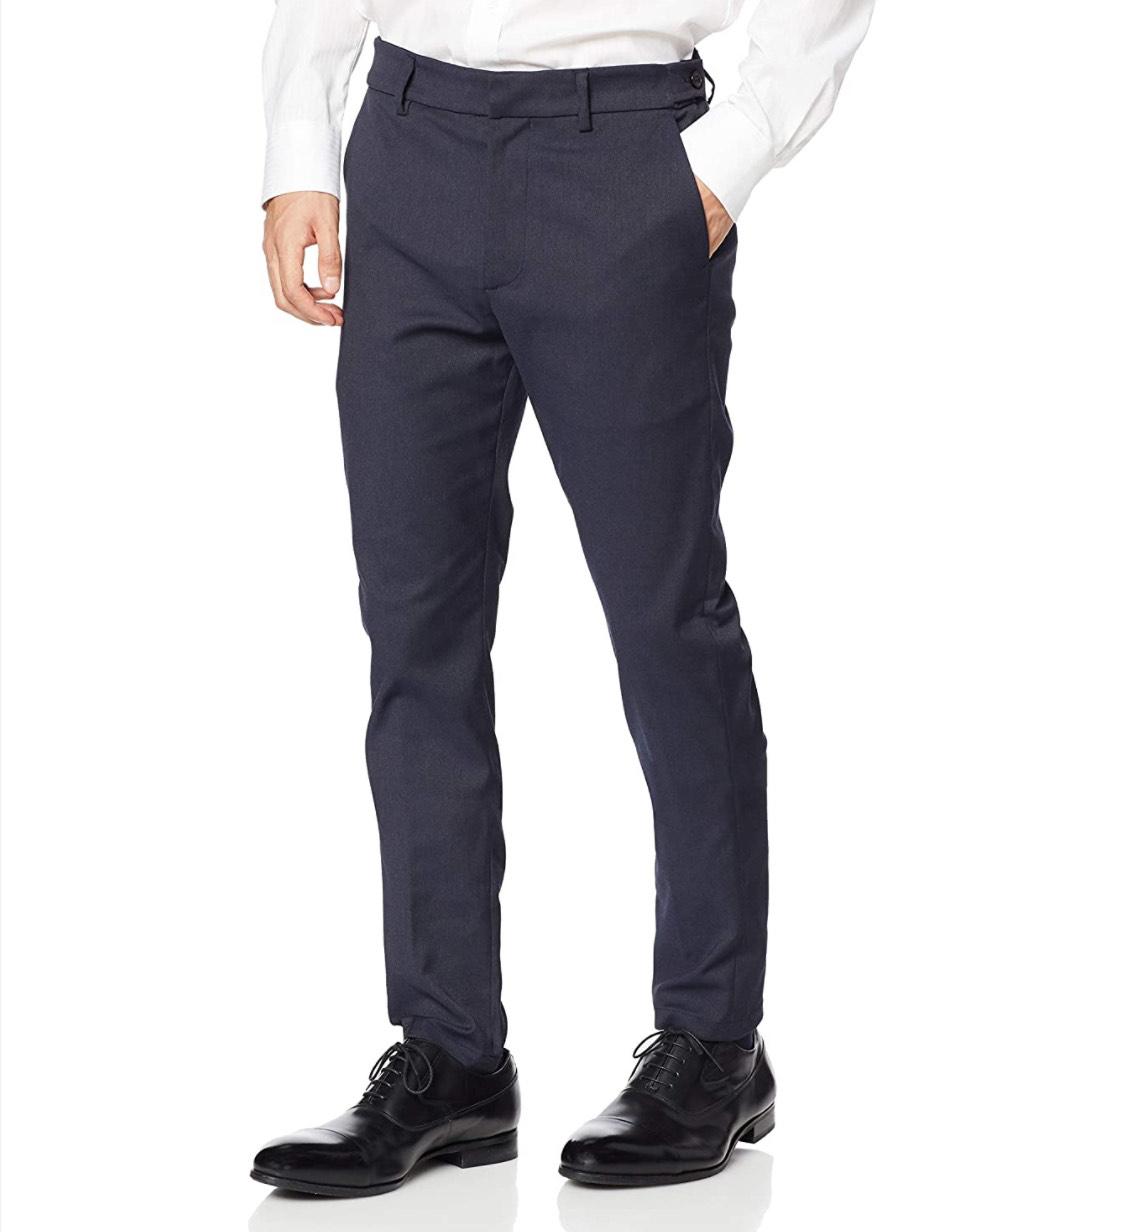 Pantalón vestir Replay hombre talla 38(48)